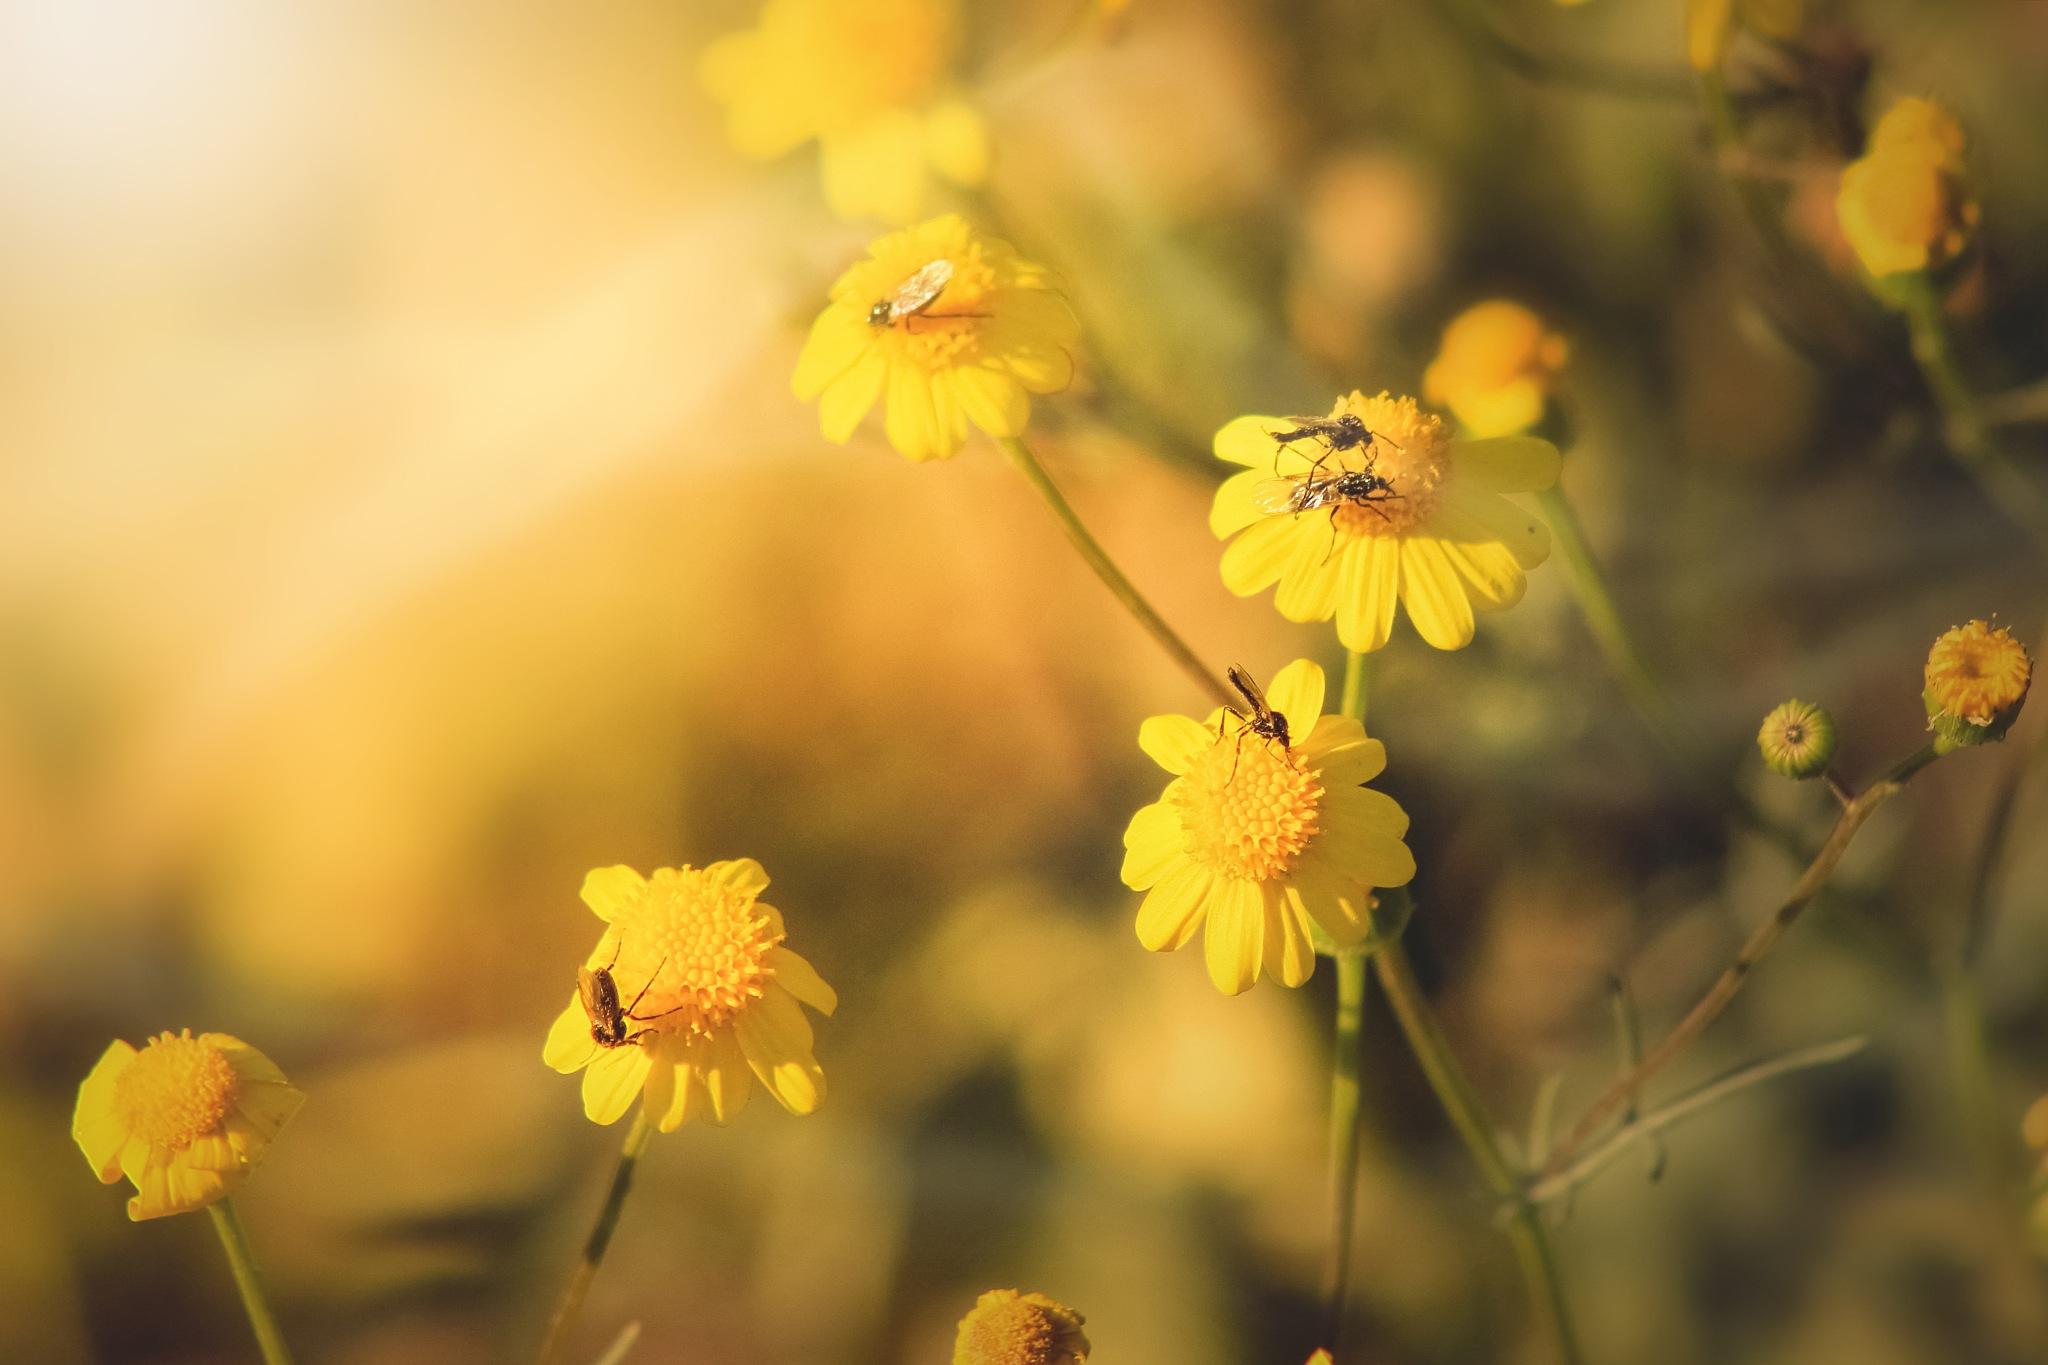 A Sunny day by Zeeshan Ashraf